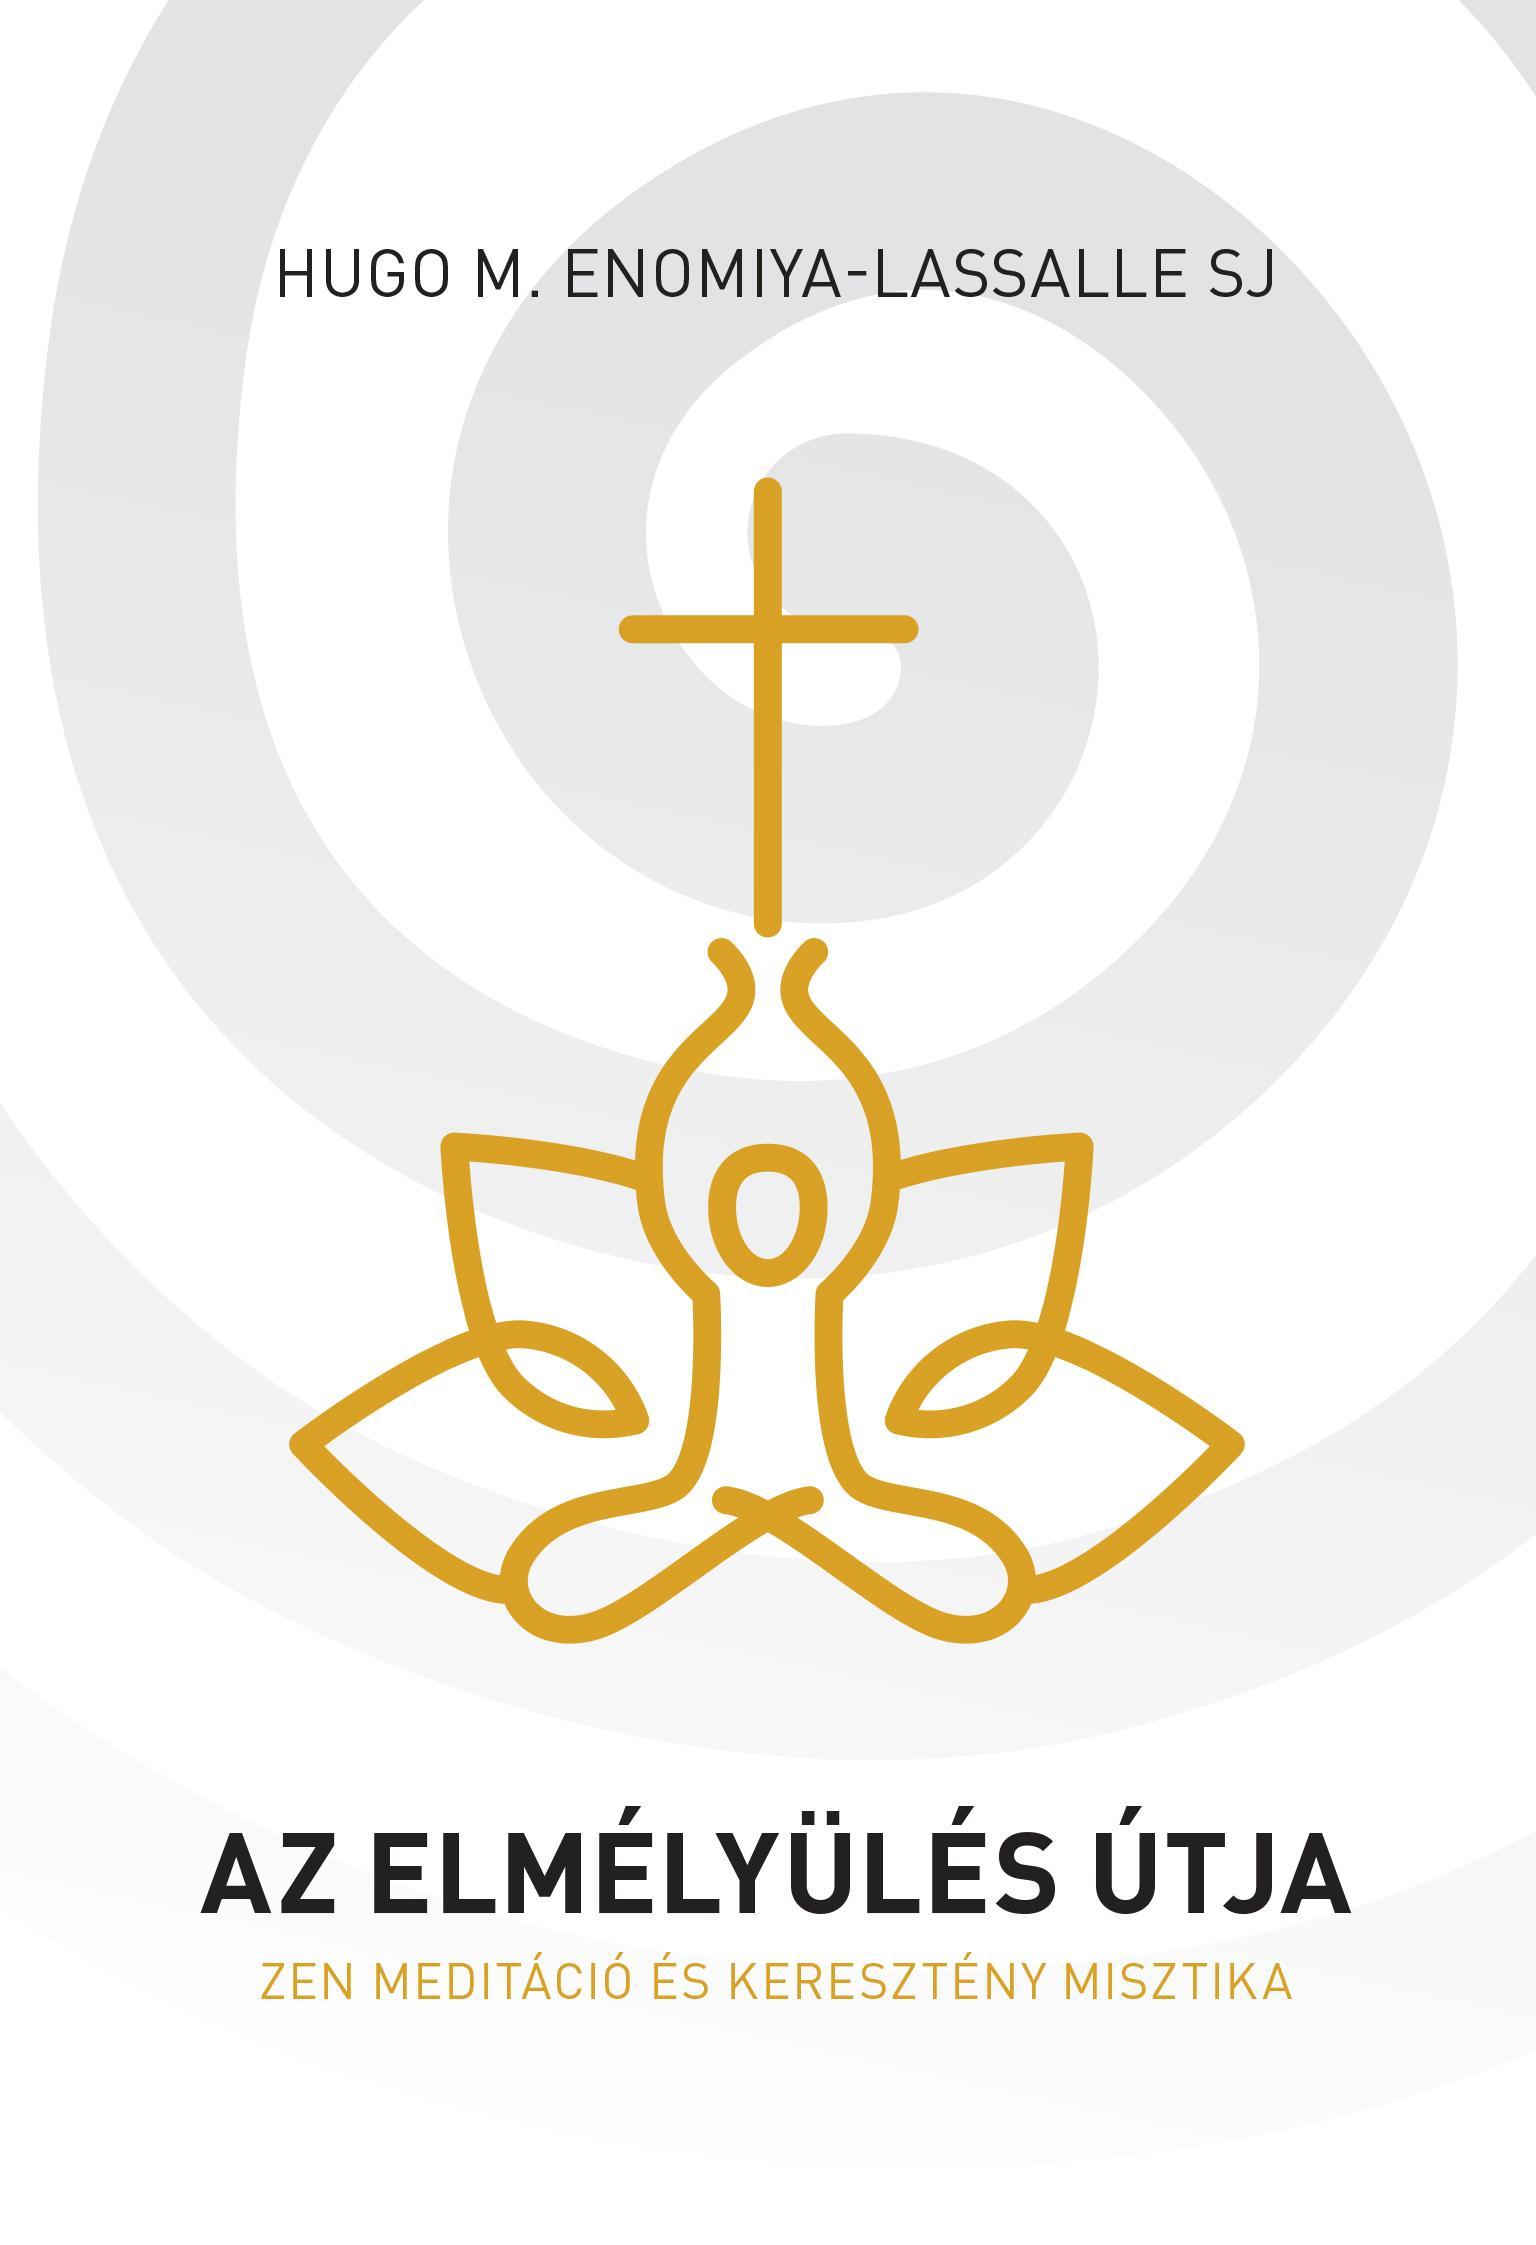 AZ ELMÉLYÜLÉS ÚTJA - ZEN MEDITÁCIÓ ÉS KERESZTÉNY MISZTIKA